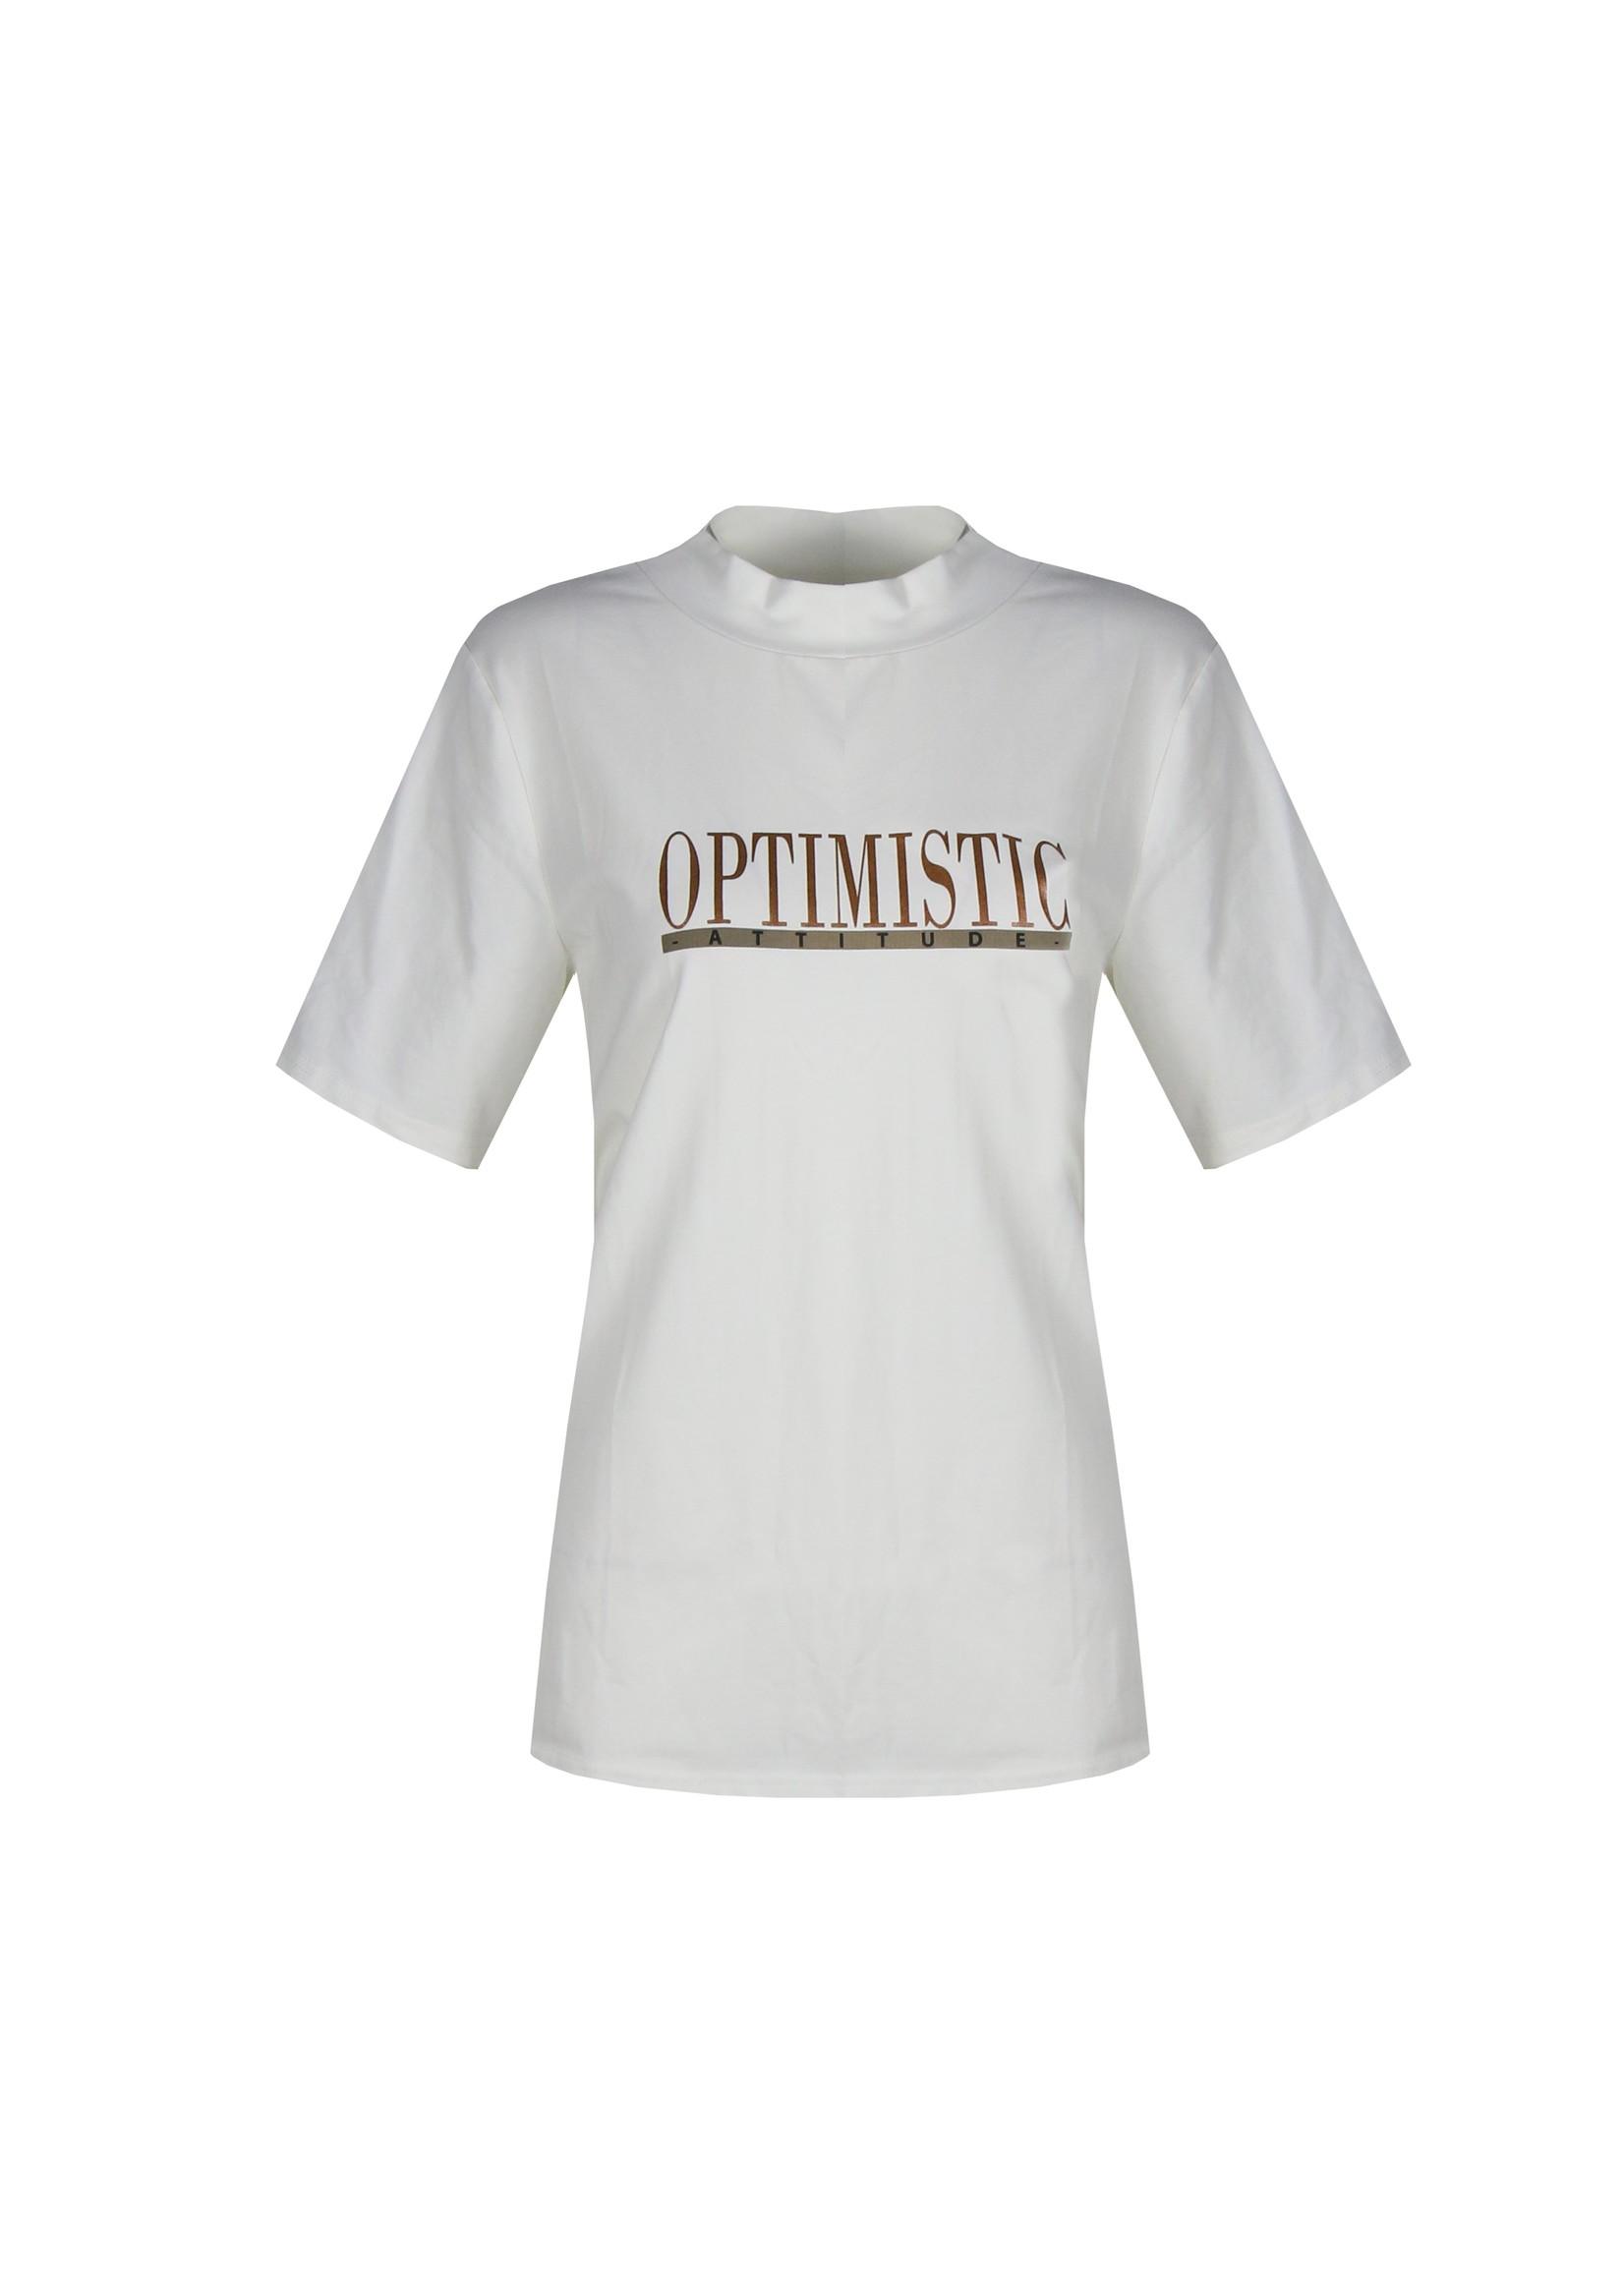 G-Maxx G-Maxx - Harper t-shirt - Optimistic - wit